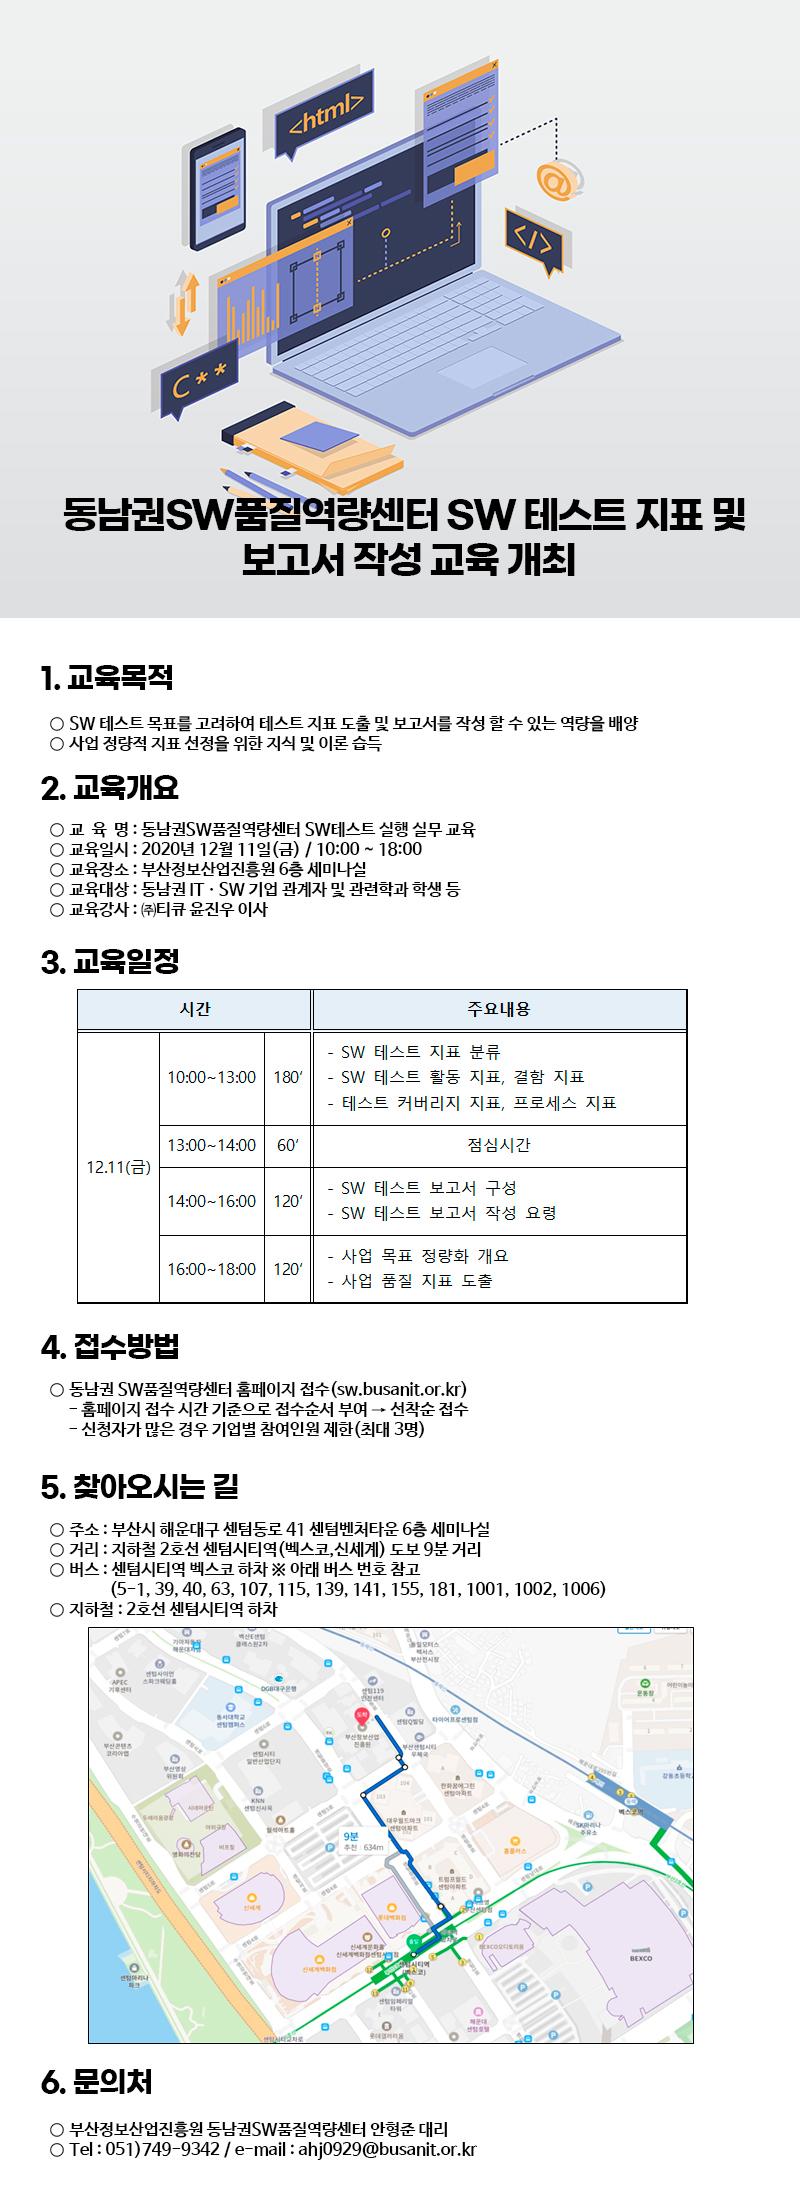 동남권SW품질역량센터 SW 테스트 지표 및 보고서 작성 교육 개최